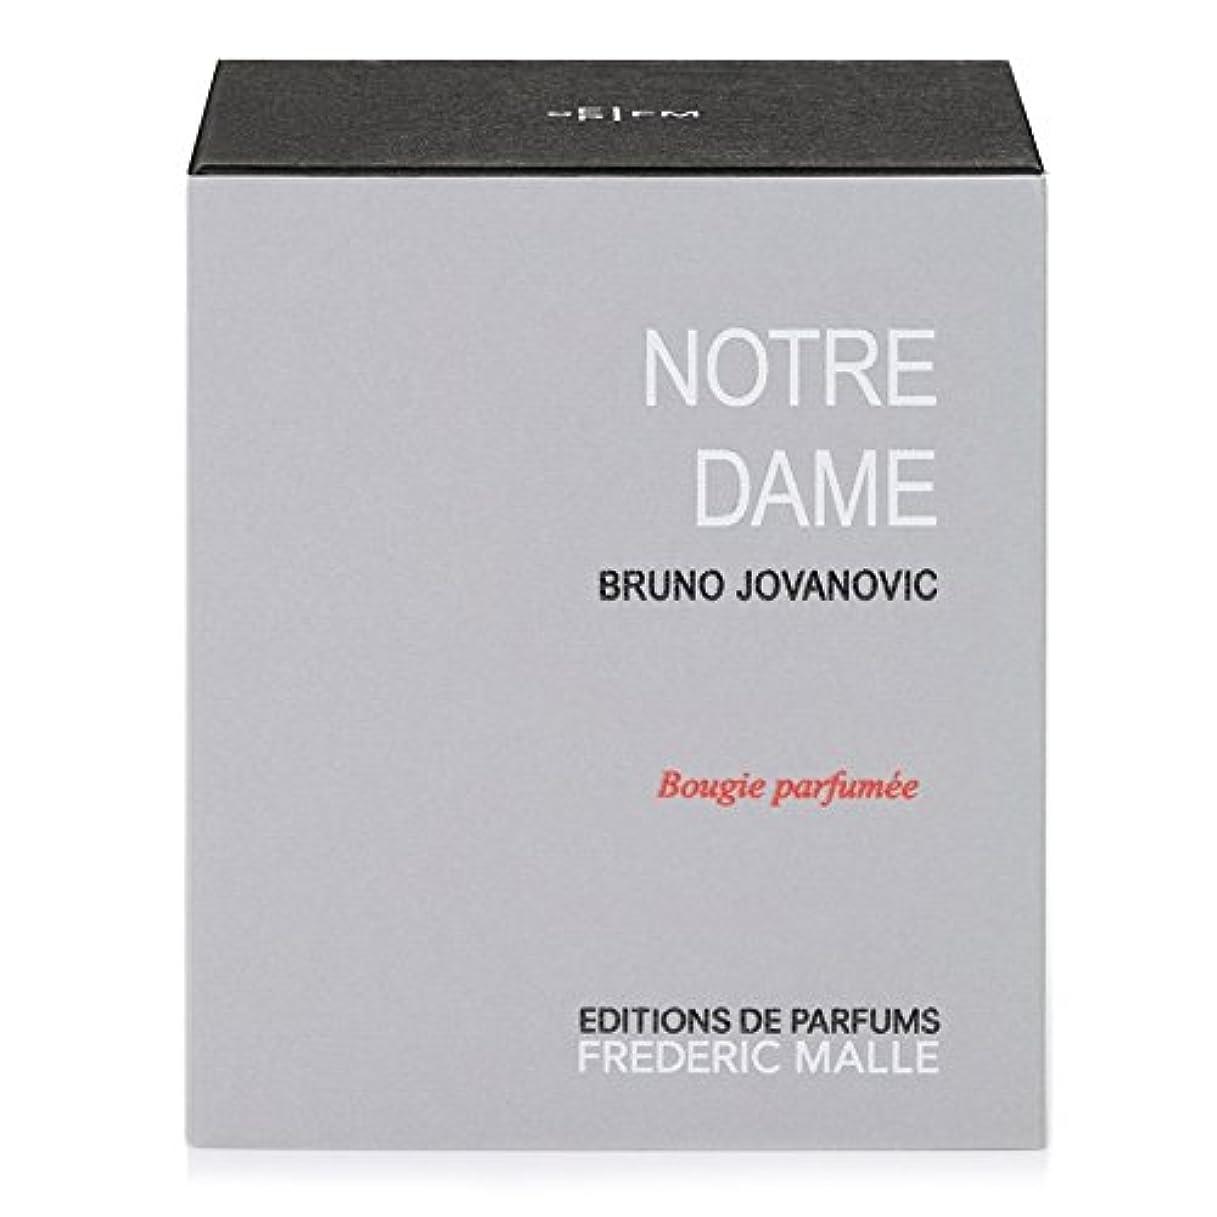 カウボーイ支出付与Frederic Malle Notre Dame Scented Candle 220g - フレデリック?マルノートルダム香りのキャンドル220グラム [並行輸入品]